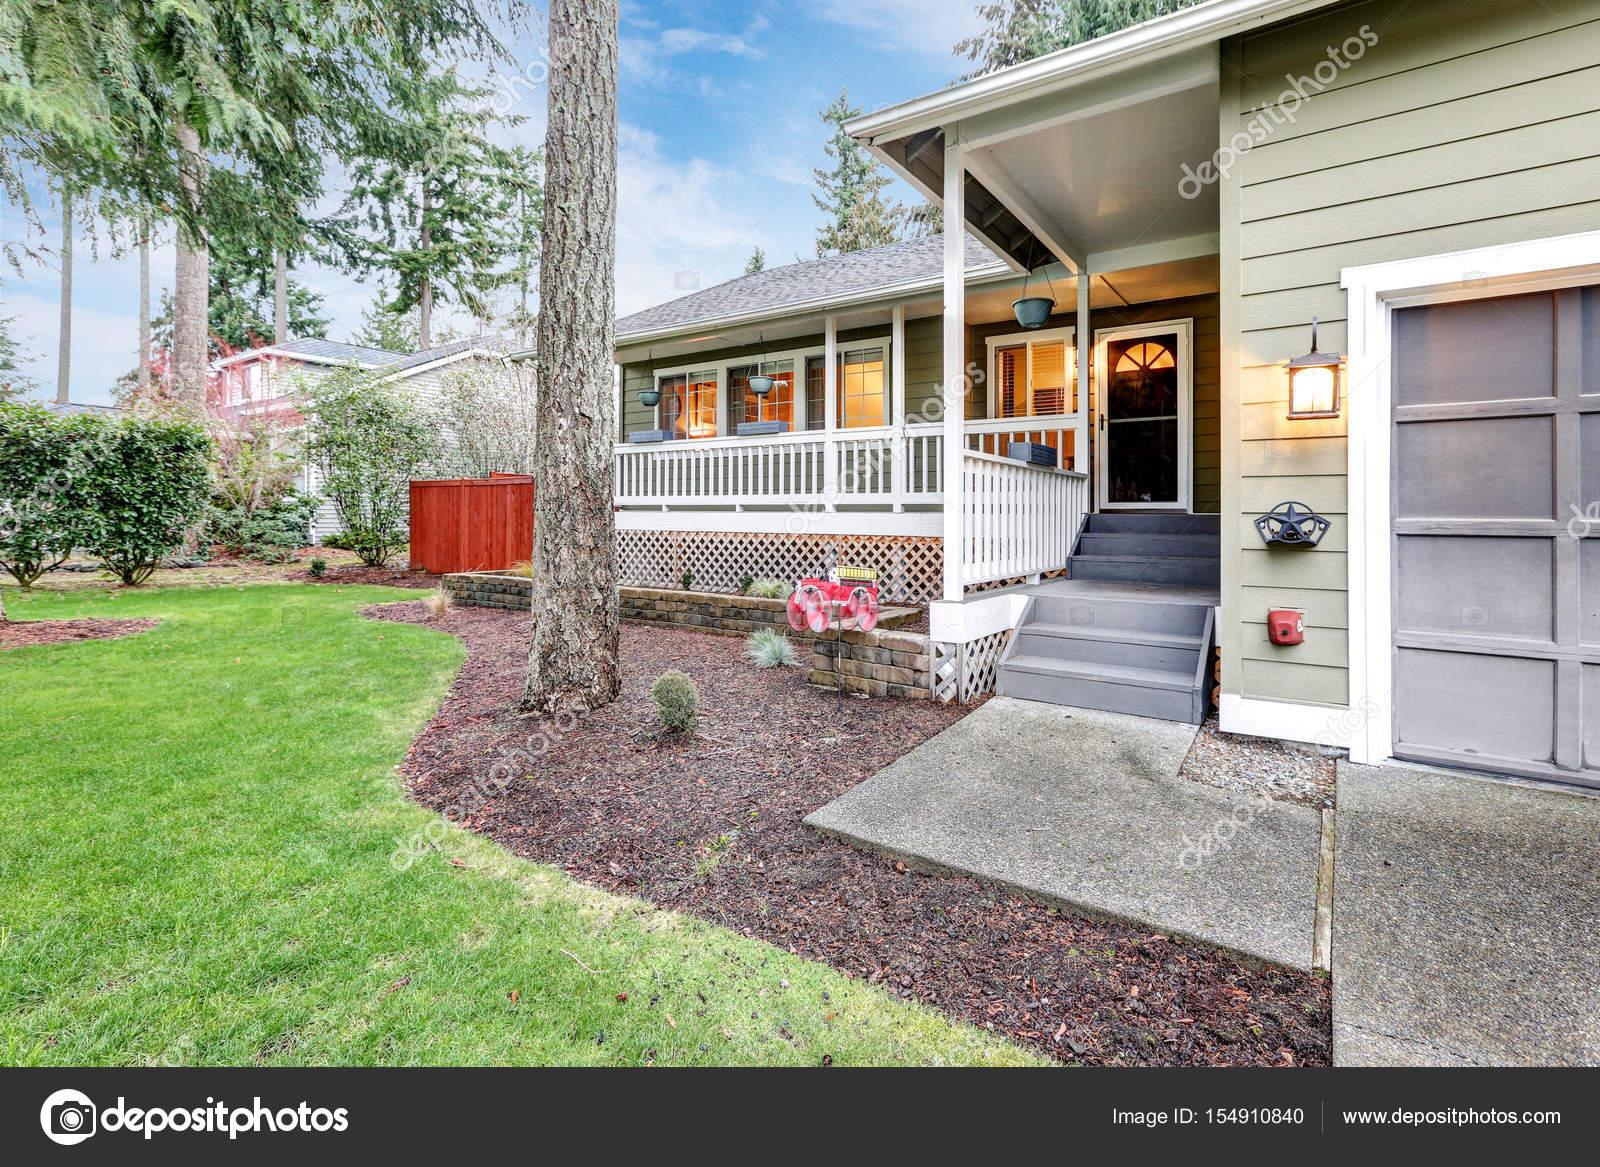 Schöne Heimat außen mit freundlichem überdachte Veranda — Stockfoto ...